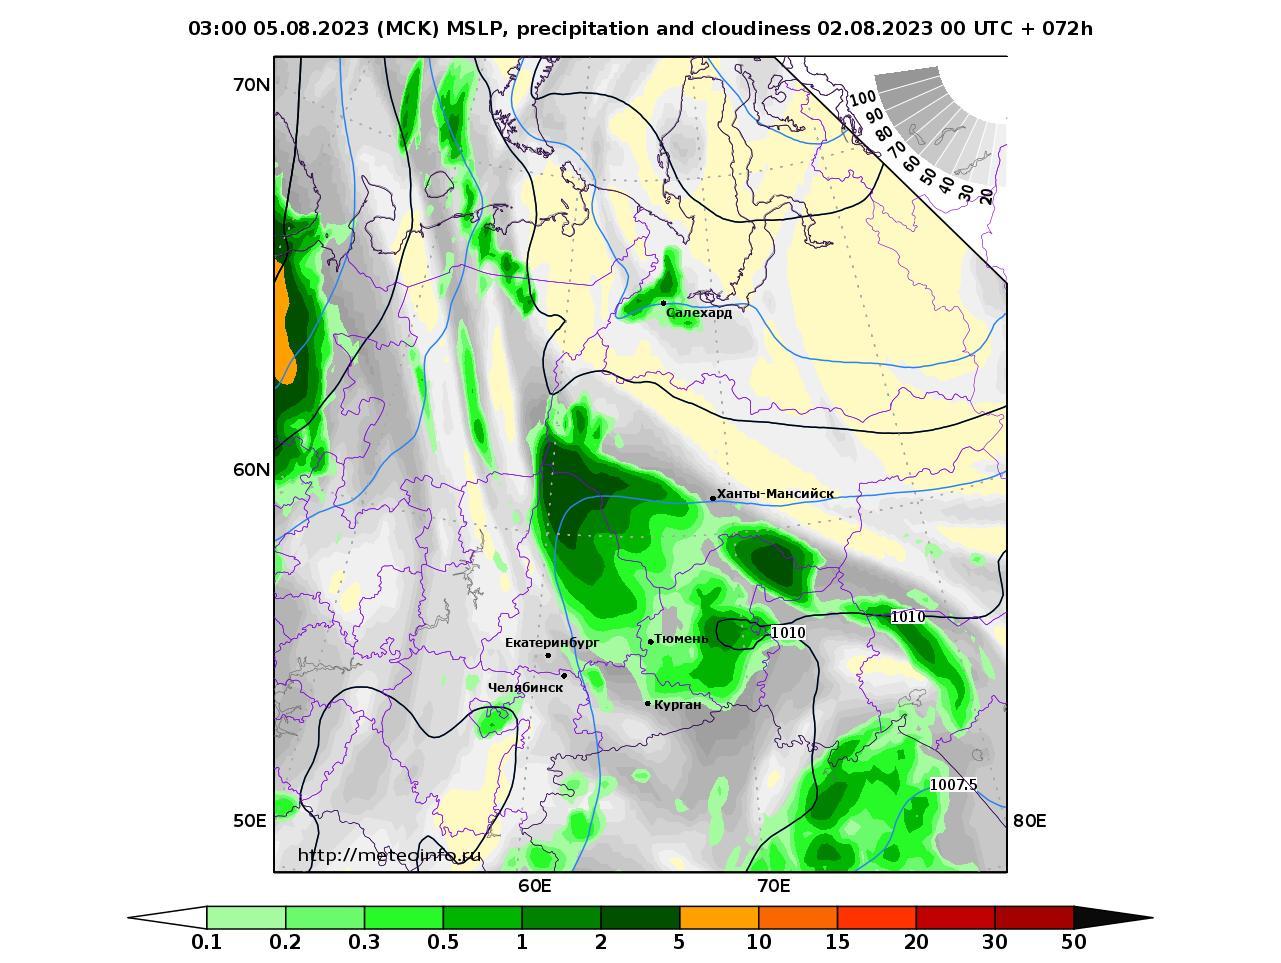 Уральский Федеральный округ, прогностическая карта осадки и давление, заблаговременность прогноза 72 часа